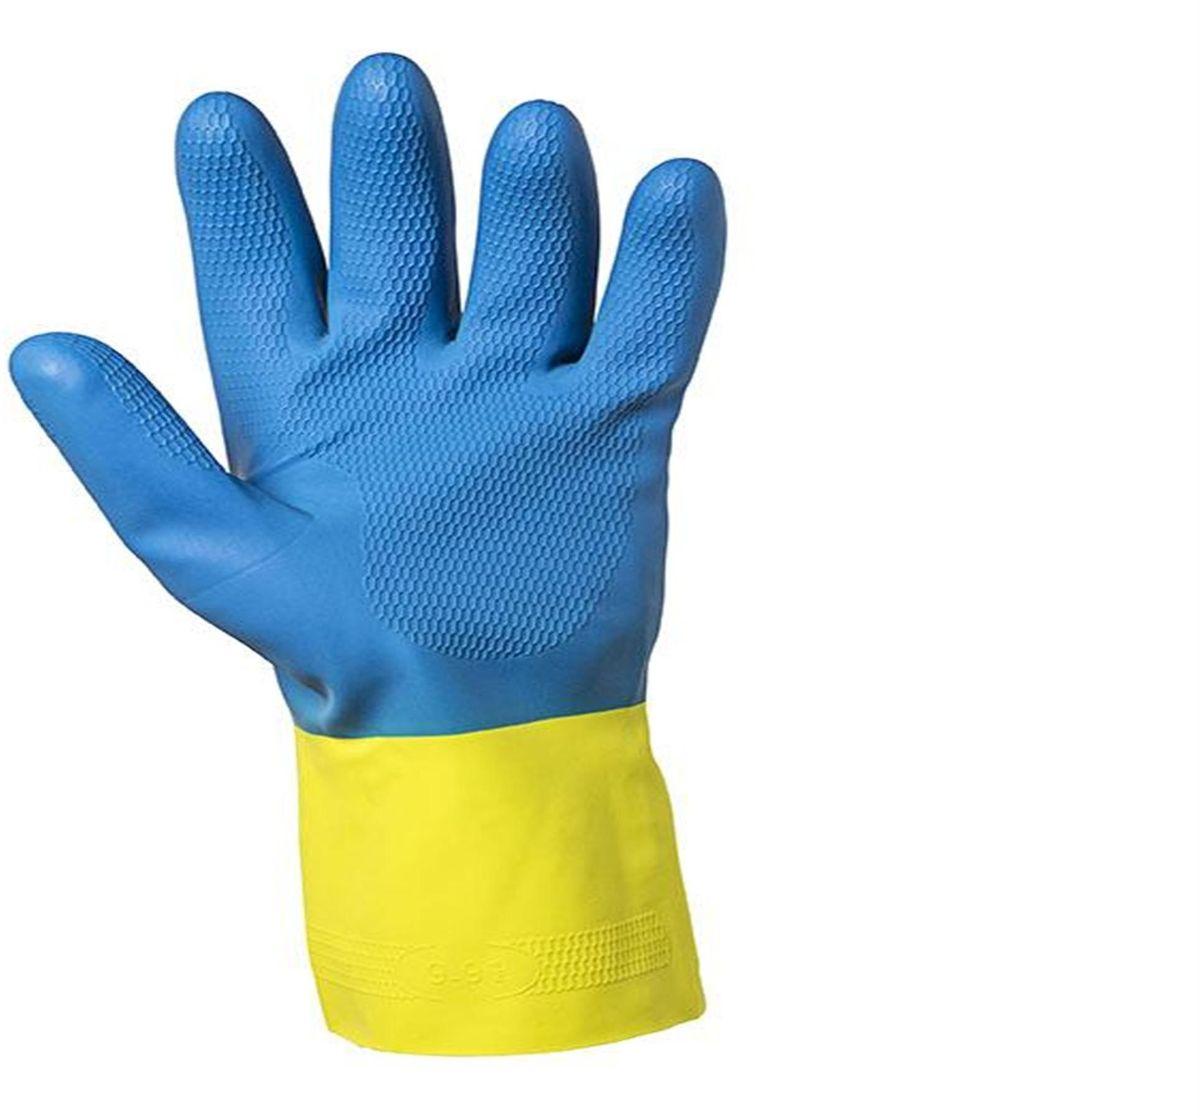 Перчатки хозяйственные Jackson Safety G80, размер 8 (M), цвет: желтый, голубой, 60 пар38742Защитные перчатки JACKSON SAFETY® G80 латекс/неопрен для защиты от химических веществ подходят для целого спектра областей применения: обеспечивают надежную защиту от воздействия химических веществ. Относятся к СИЗ категории III (CE Complex), а также обеспечивают защиту от механического воздействия в тех областях, где работают с химическими веществами, маслами, густыми смазками, кислотами, каустическими средствами или растворителями. Разрешен контакт с пищевыми продуктами. Поставляются в виде пары перчаток с индивидуальным дизайном для левой и правой руки; толщина 0,70 мм; имеют неопреновое покрытие поверх латекса для обеспечения максимальной защиты, а также для улучшения гибкости материала. Удлиненные манжеты, текстурированный материал в области ладони обеспечивает отличный захват при работе сухими/влажными поверхностями; хлопковое напыление на внутренней стороне перчатки обеспечивает легкость при надевании/снятии перчатки, а также комфорт при длительном использовании. Хлорированы для снижения воздействия латексных протеинов на кожу.Размеры:38741 - S (7)38742 - M (8)38743 - L (9)38744 - XL (10)